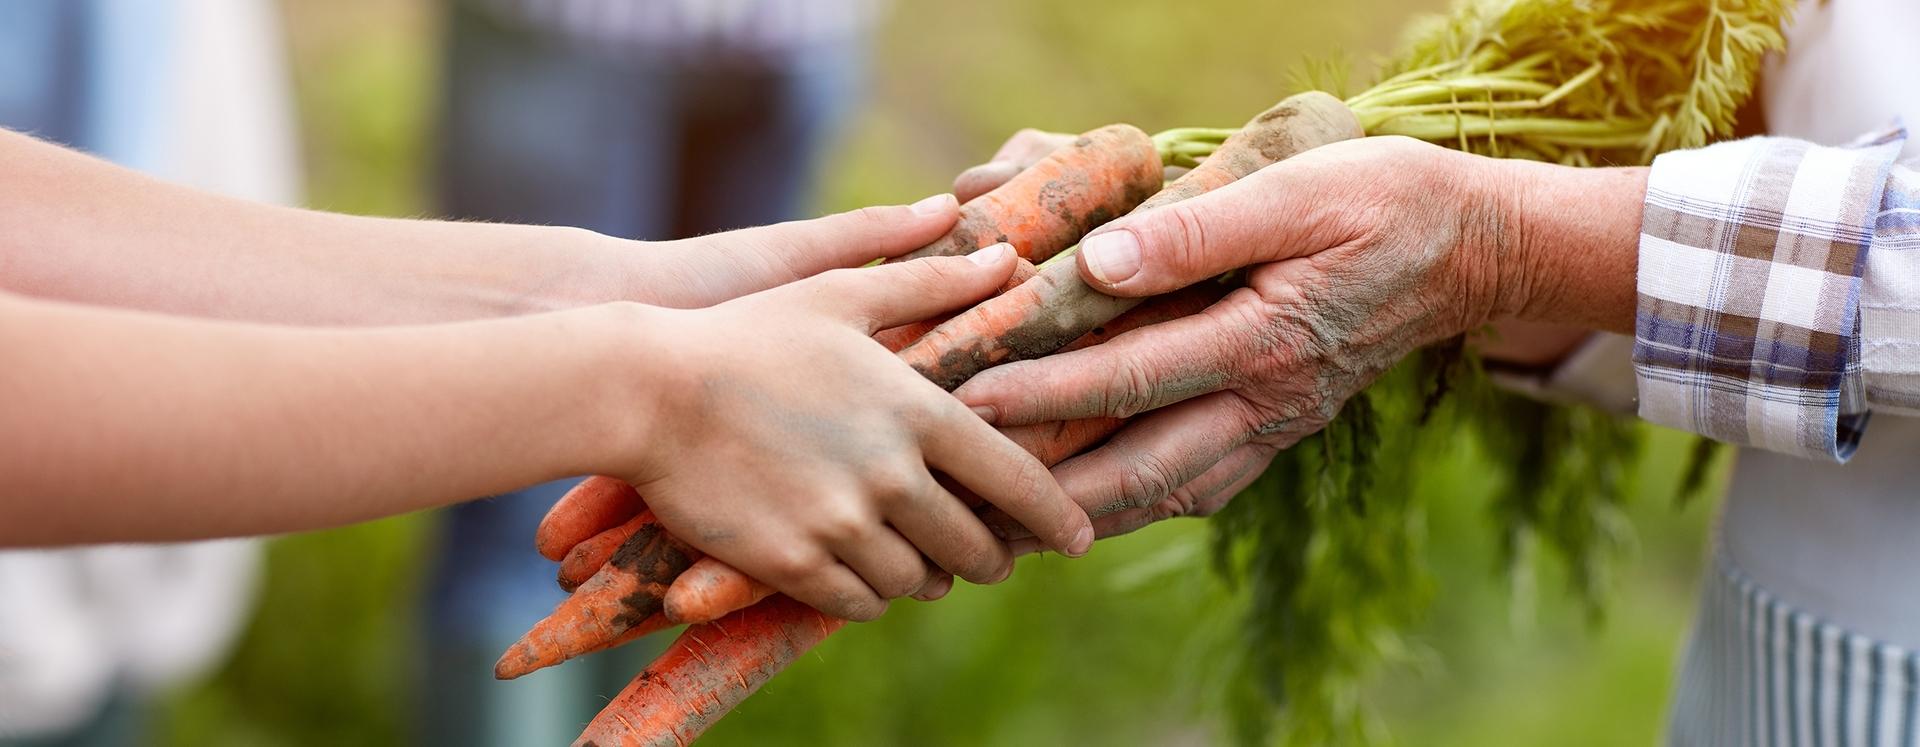 Hände halten Möhren nach der Ernte